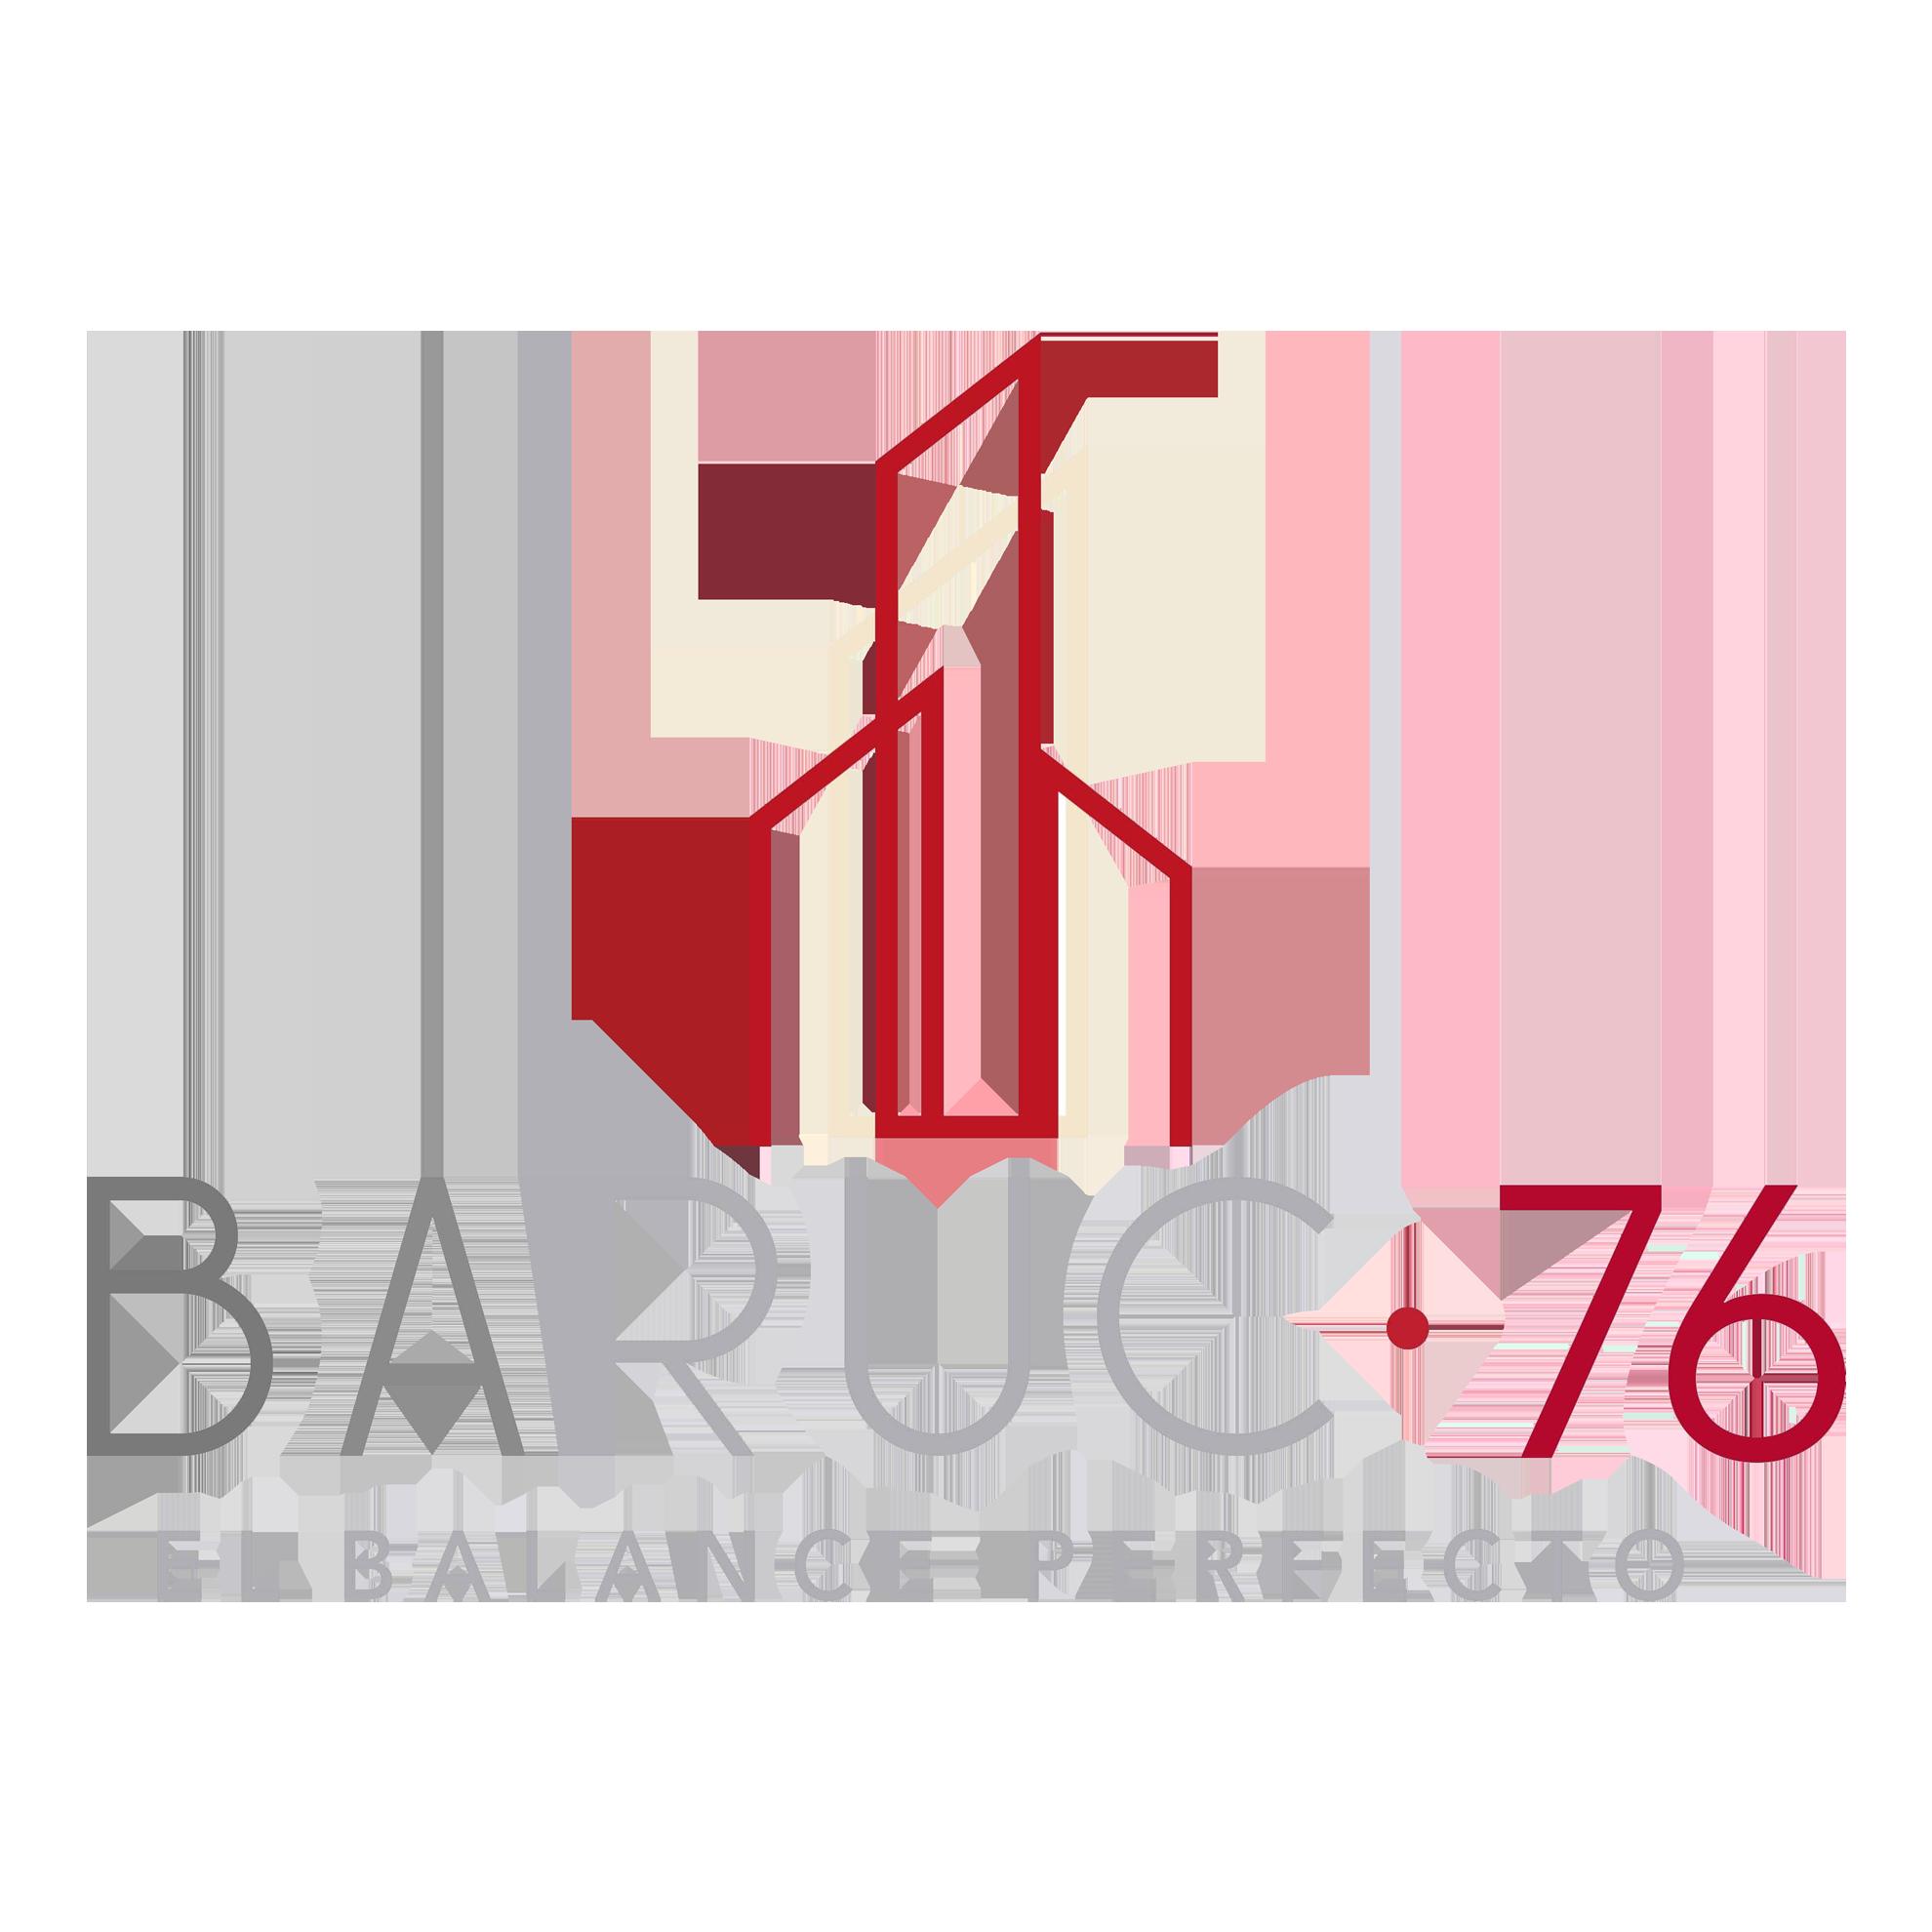 Baruc 76